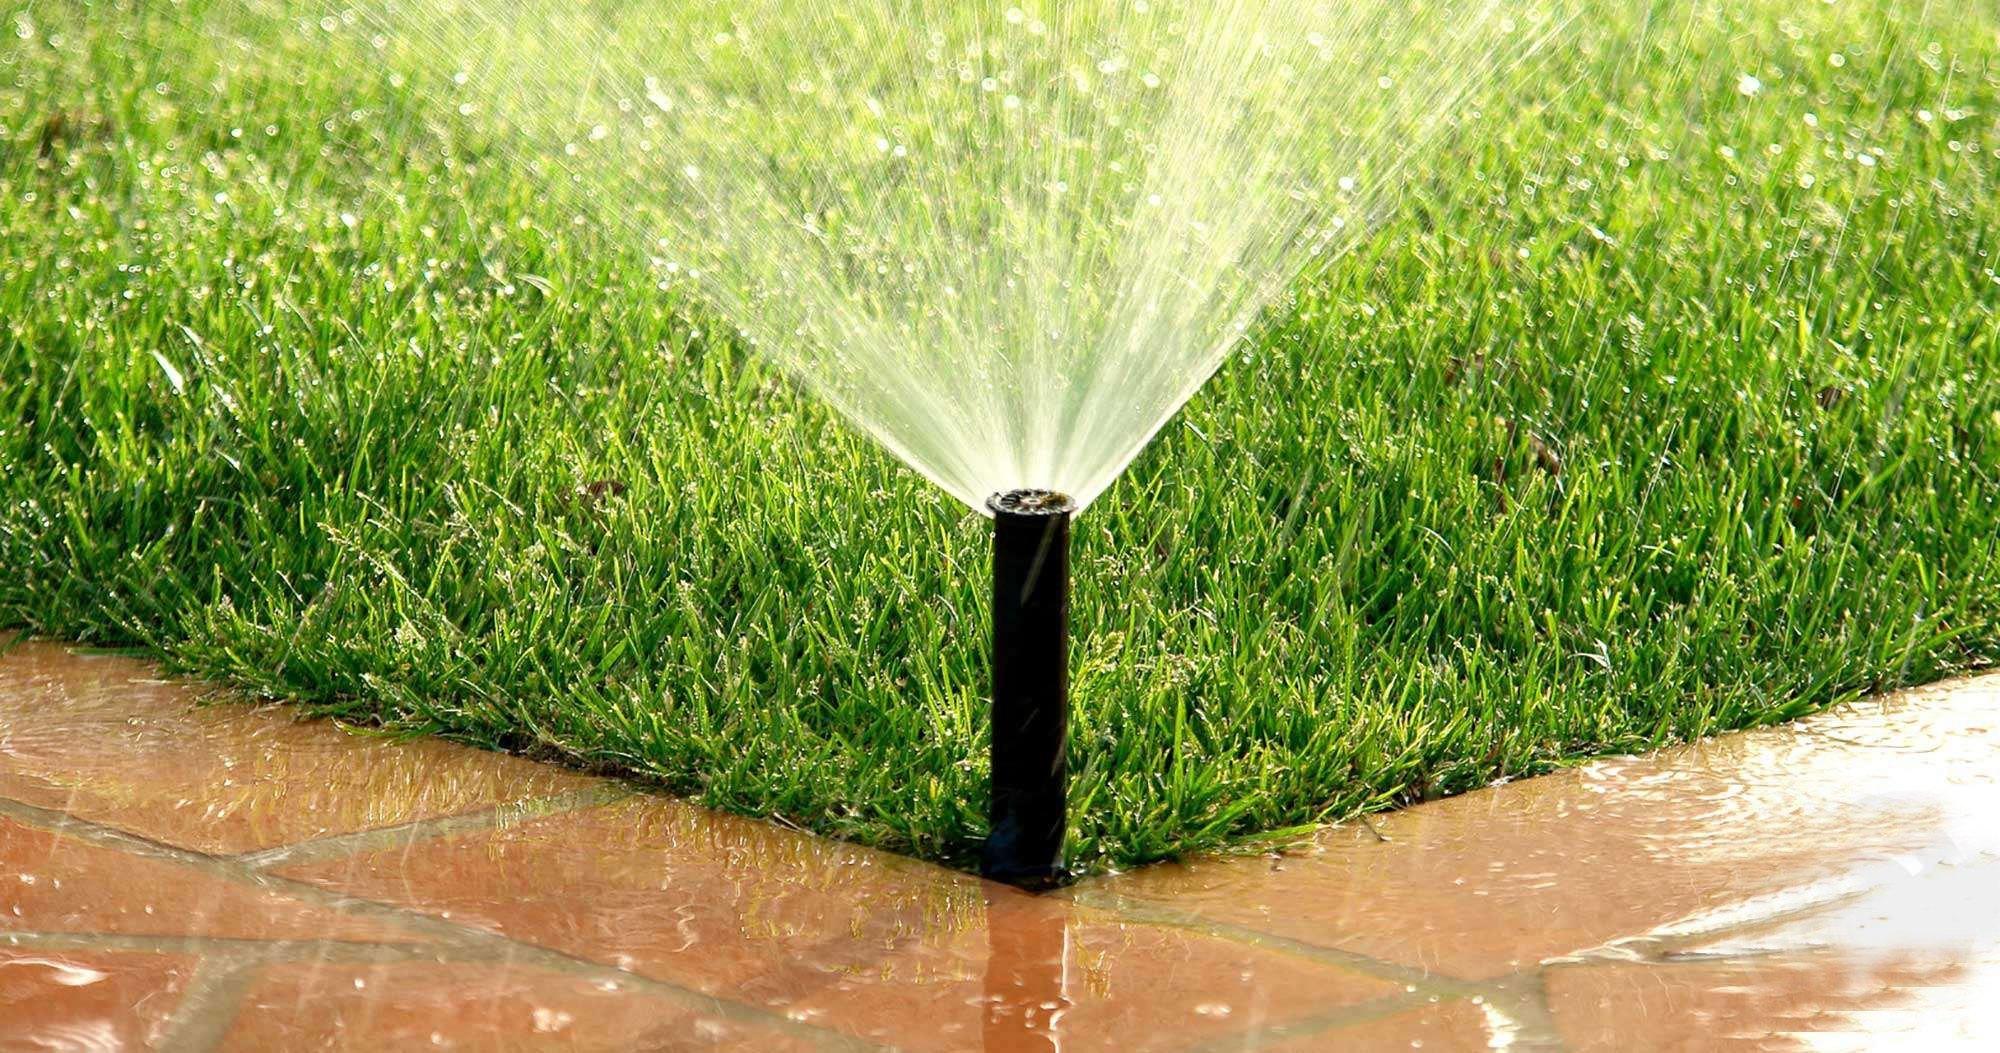 impianti di irrigazione meraflor-garden-irrigation-system